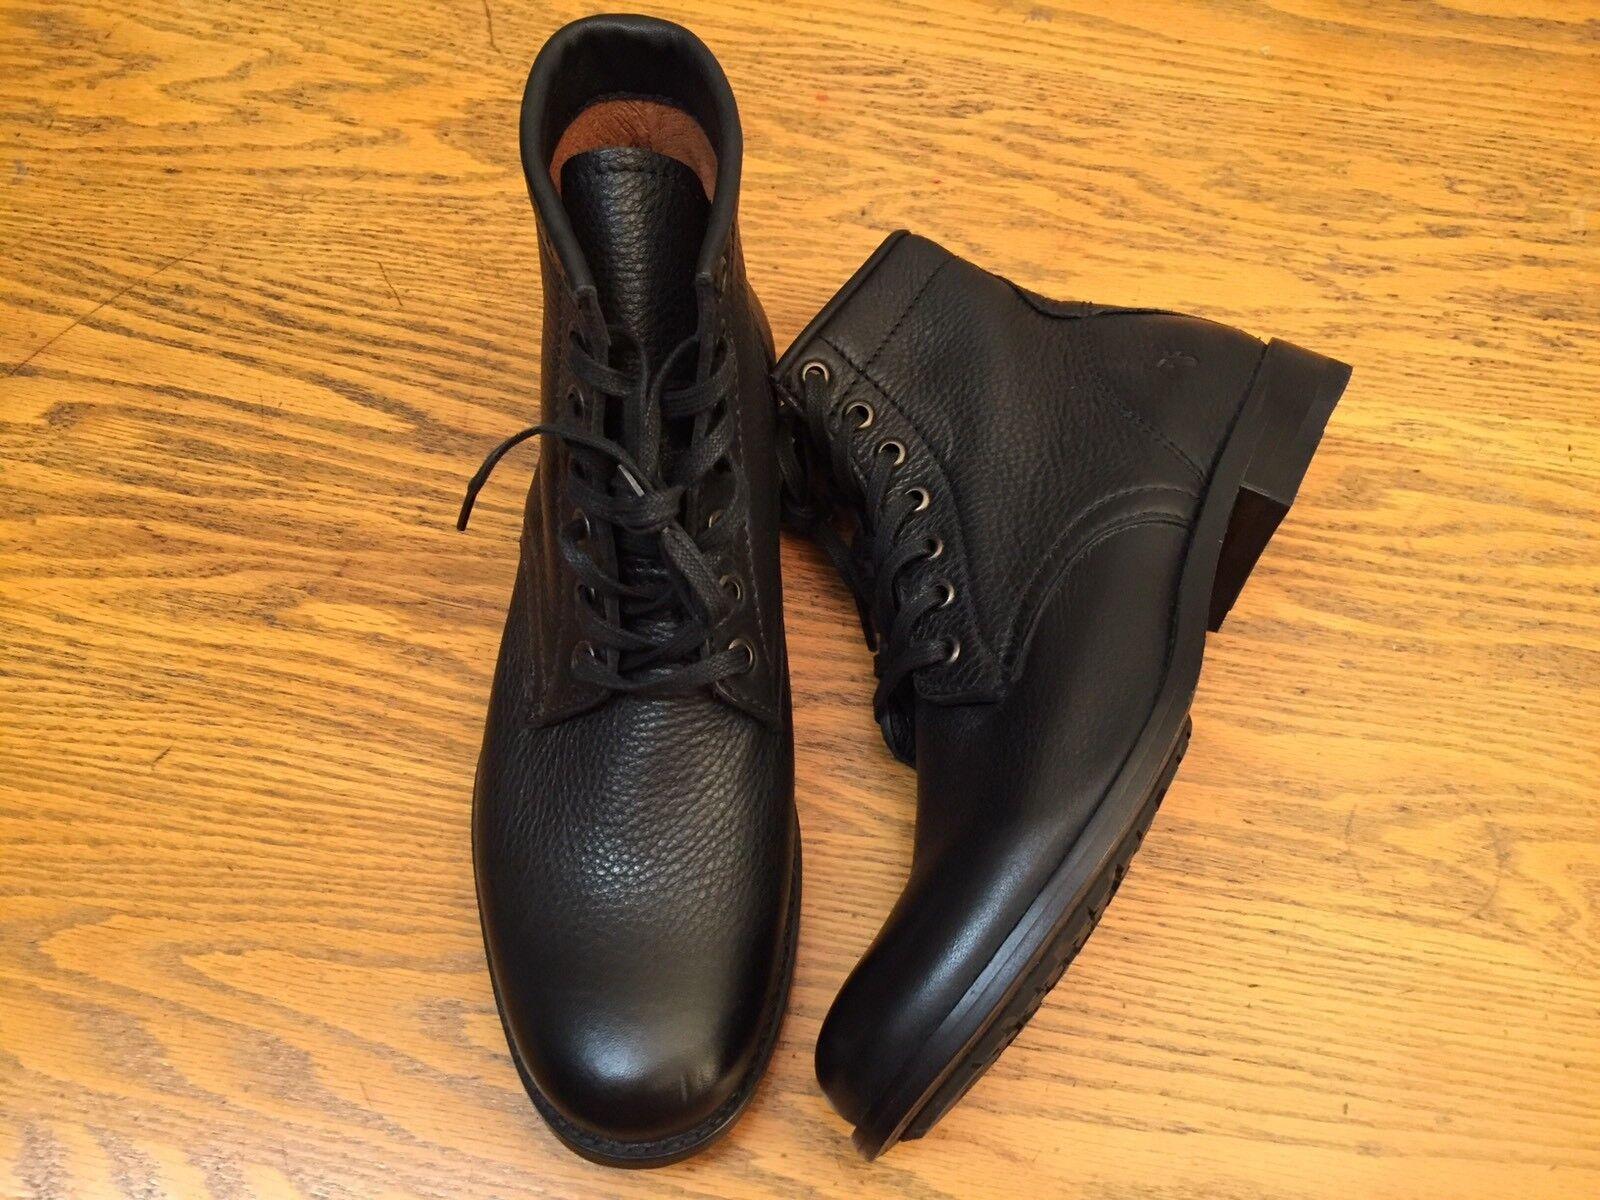 Frye Tyler mujer botas acordonadas al Tobillo De Cuero Cuero Cuero Talla 7 Nuevo  todos los bienes son especiales